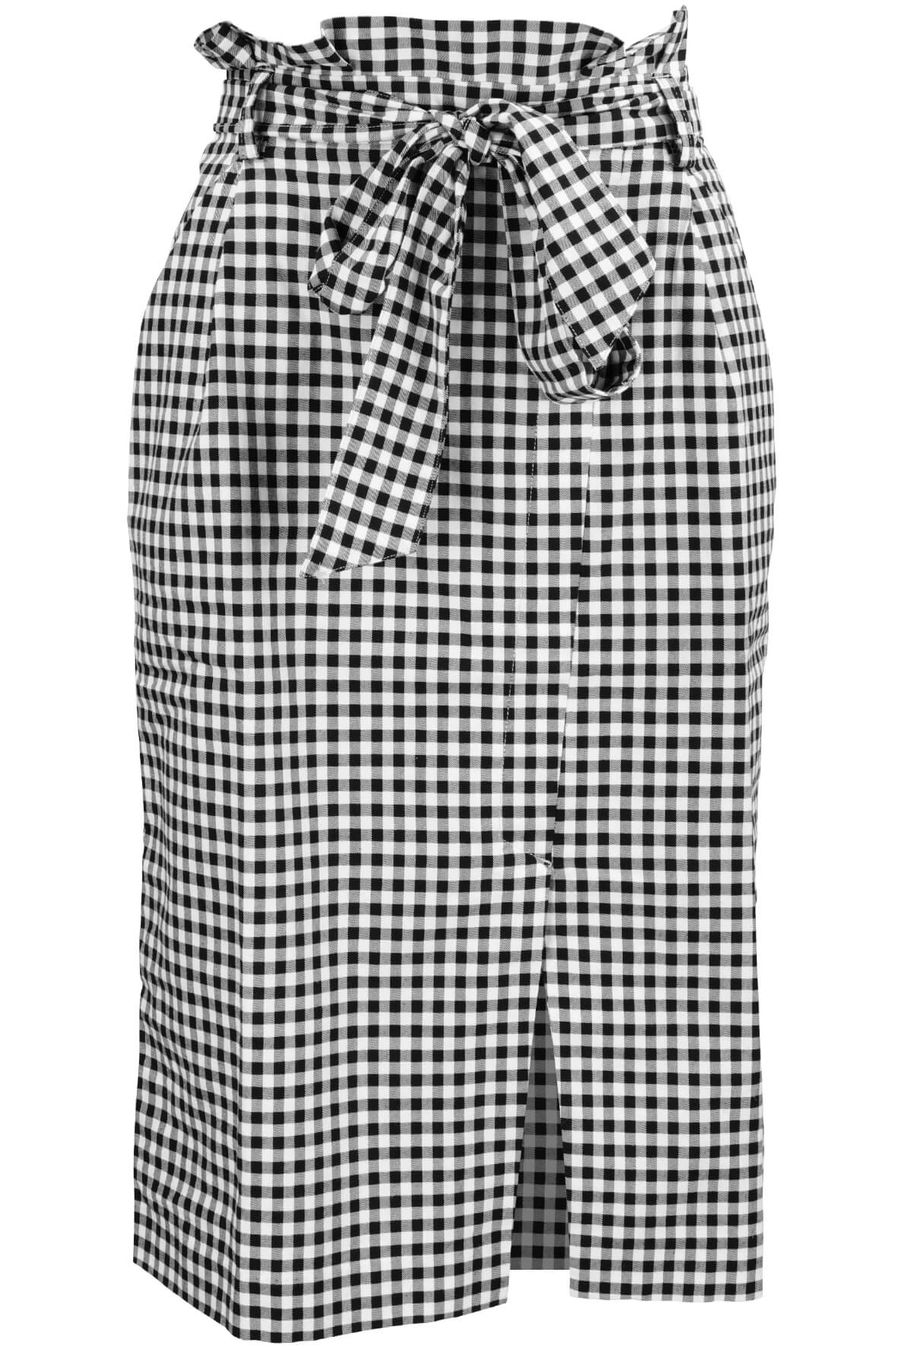 yecca-vecca-checked-waist-ribbon-skirt-1